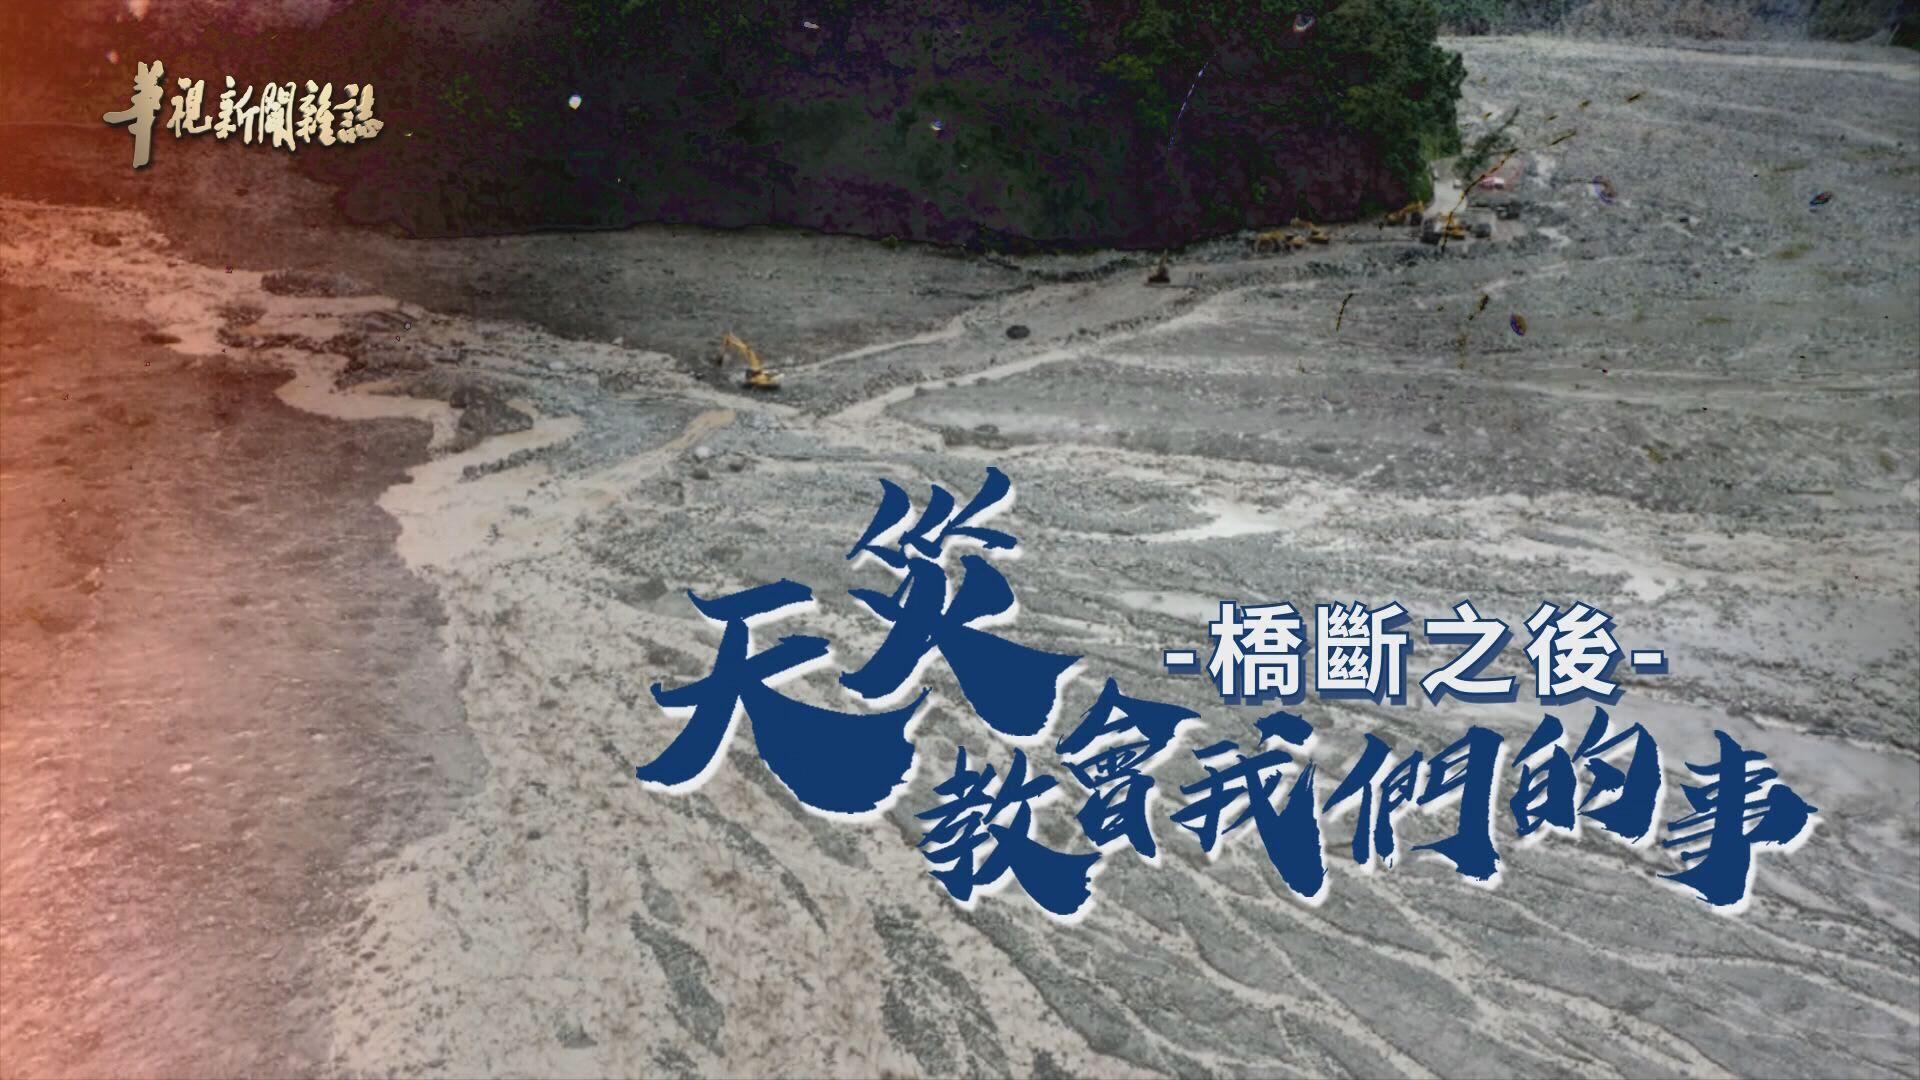 橋斷之後 為部落找出路  天災教會我們的事 華視新聞雜誌